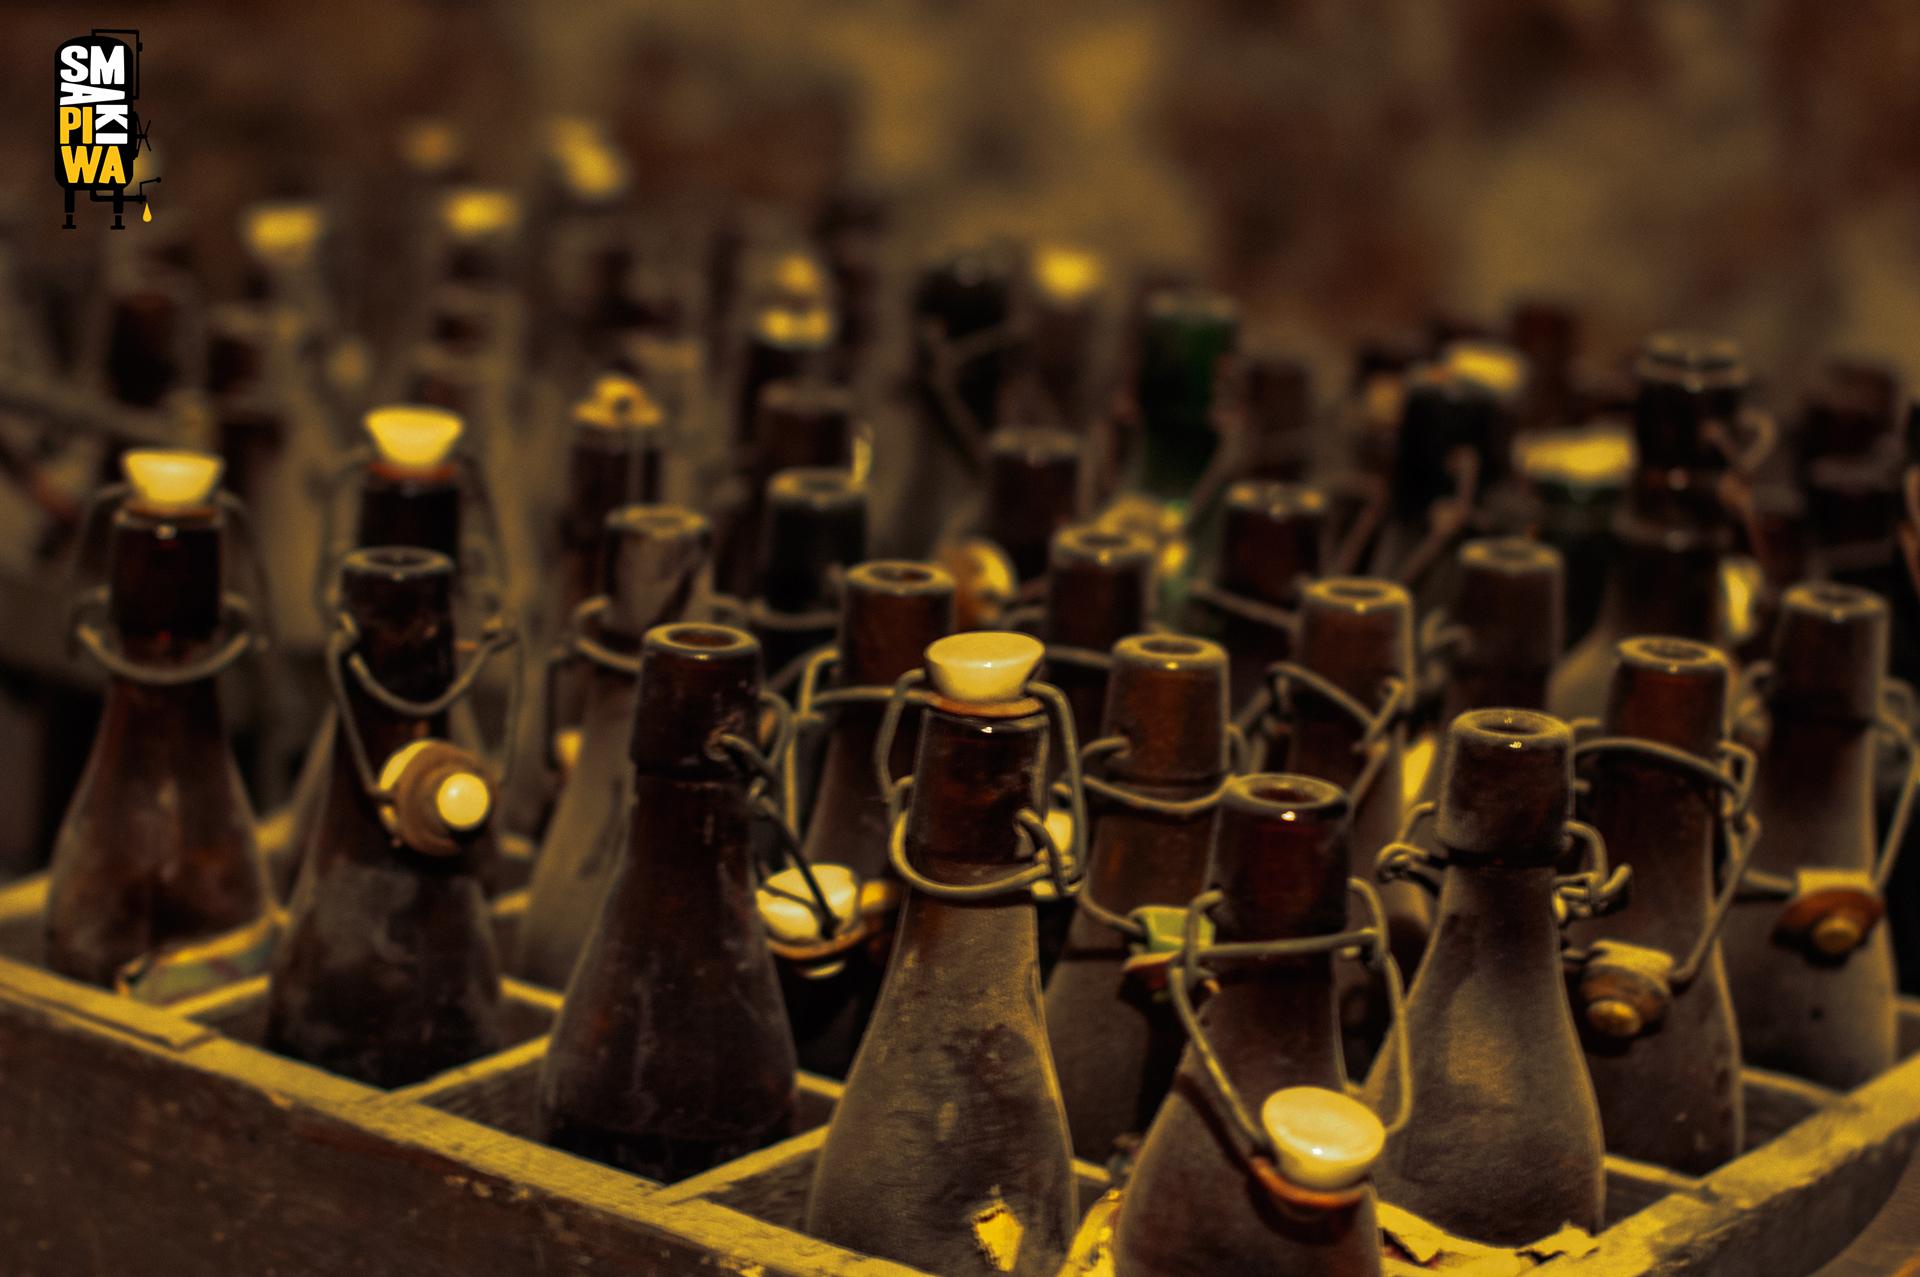 Stare butelki typu krachla, tokolejny symbol minionych czasów.